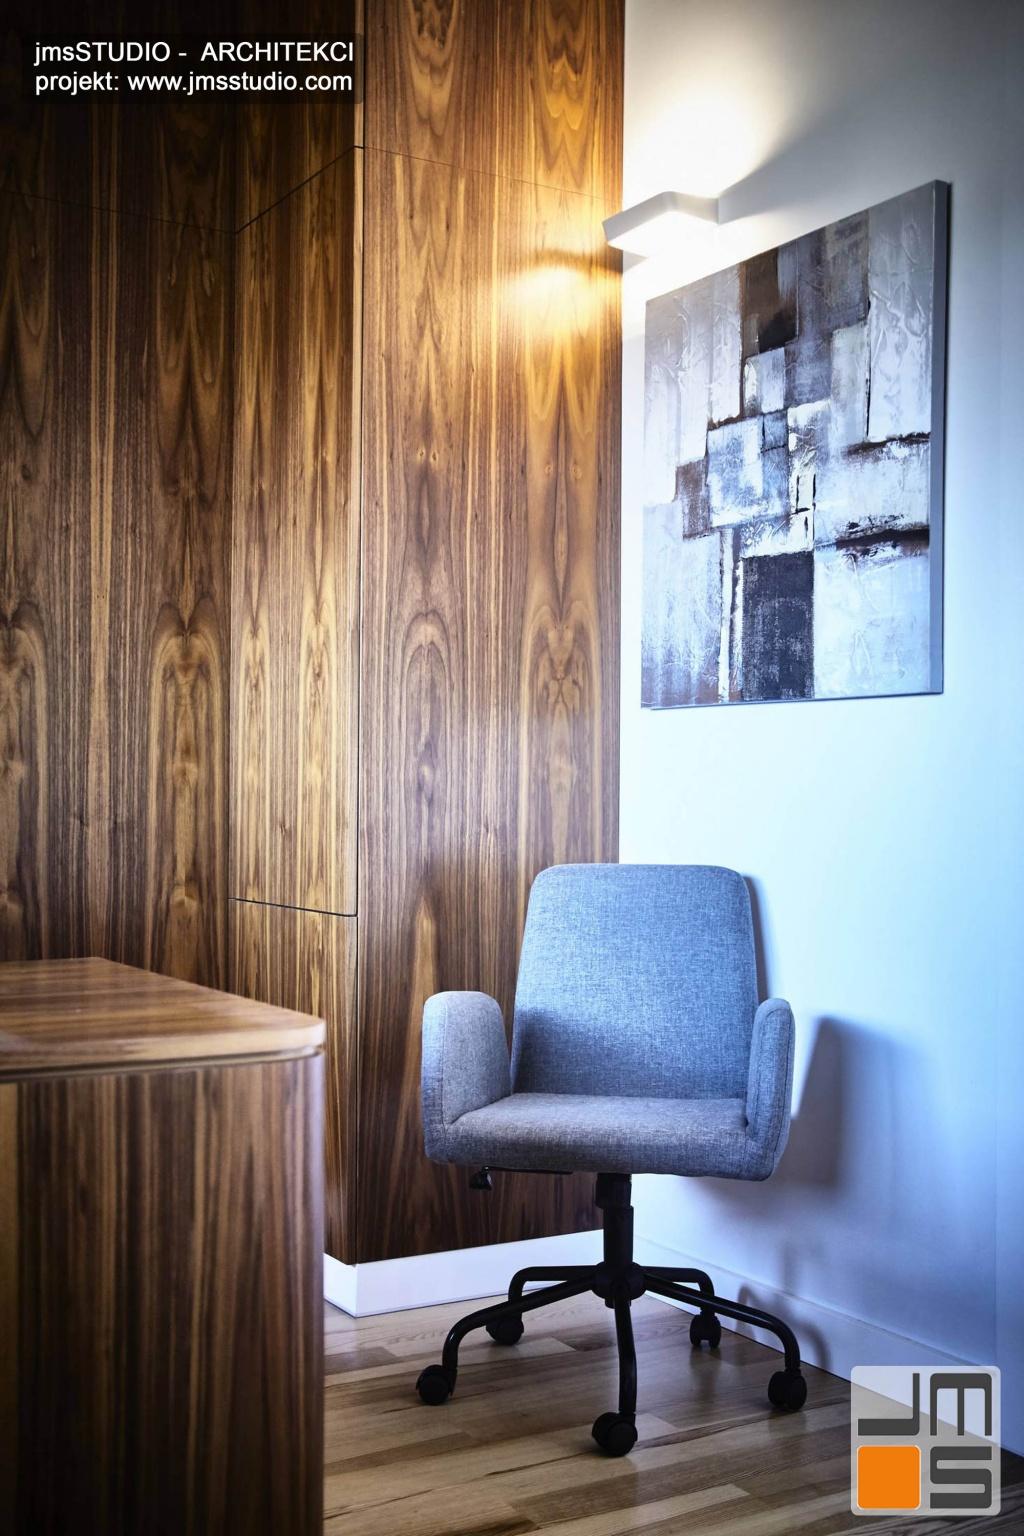 2018 06 szary fotel biurowy i szaro czarny obraz grafika podświetlony na ścianie bardzo dobrze komponują się w projekcie wnętrz nowoczesnego gabinetu